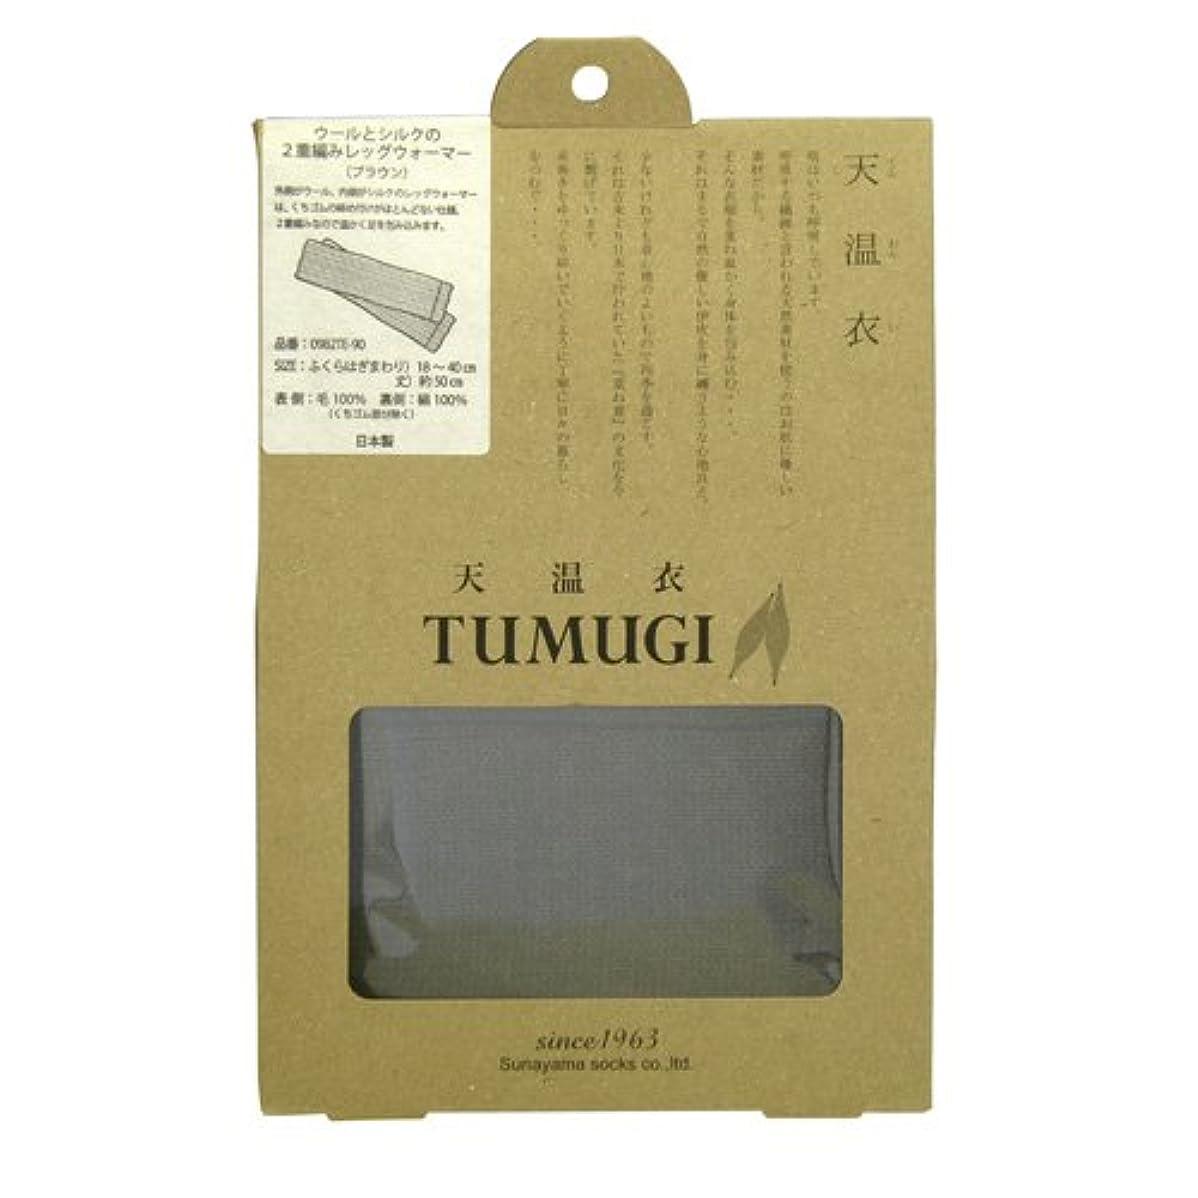 トランク疾患葉を集める砂山靴下 TUMUGI ウールと砂山靴下 シルクの2重編みレッグウォーマー ブラウン